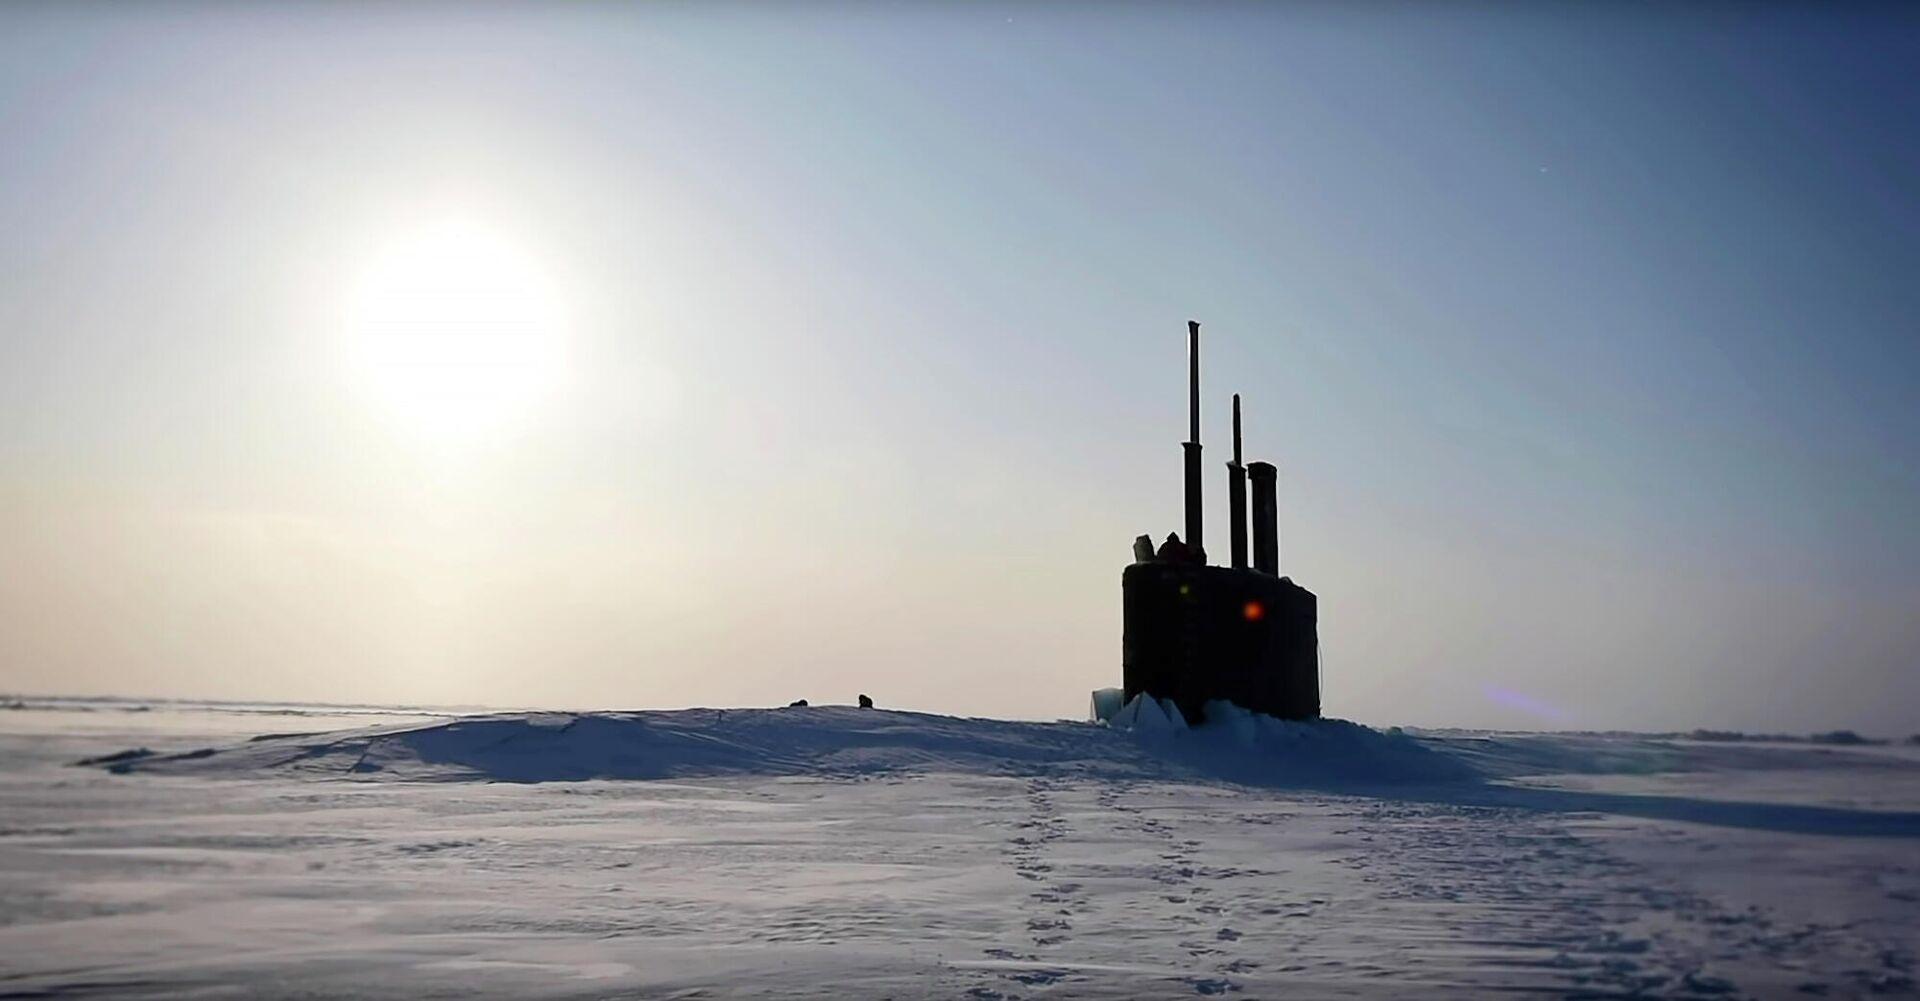 Всплытие американской атомной подводной лодки Toledo в Арктике - РИА Новости, 1920, 20.10.2020